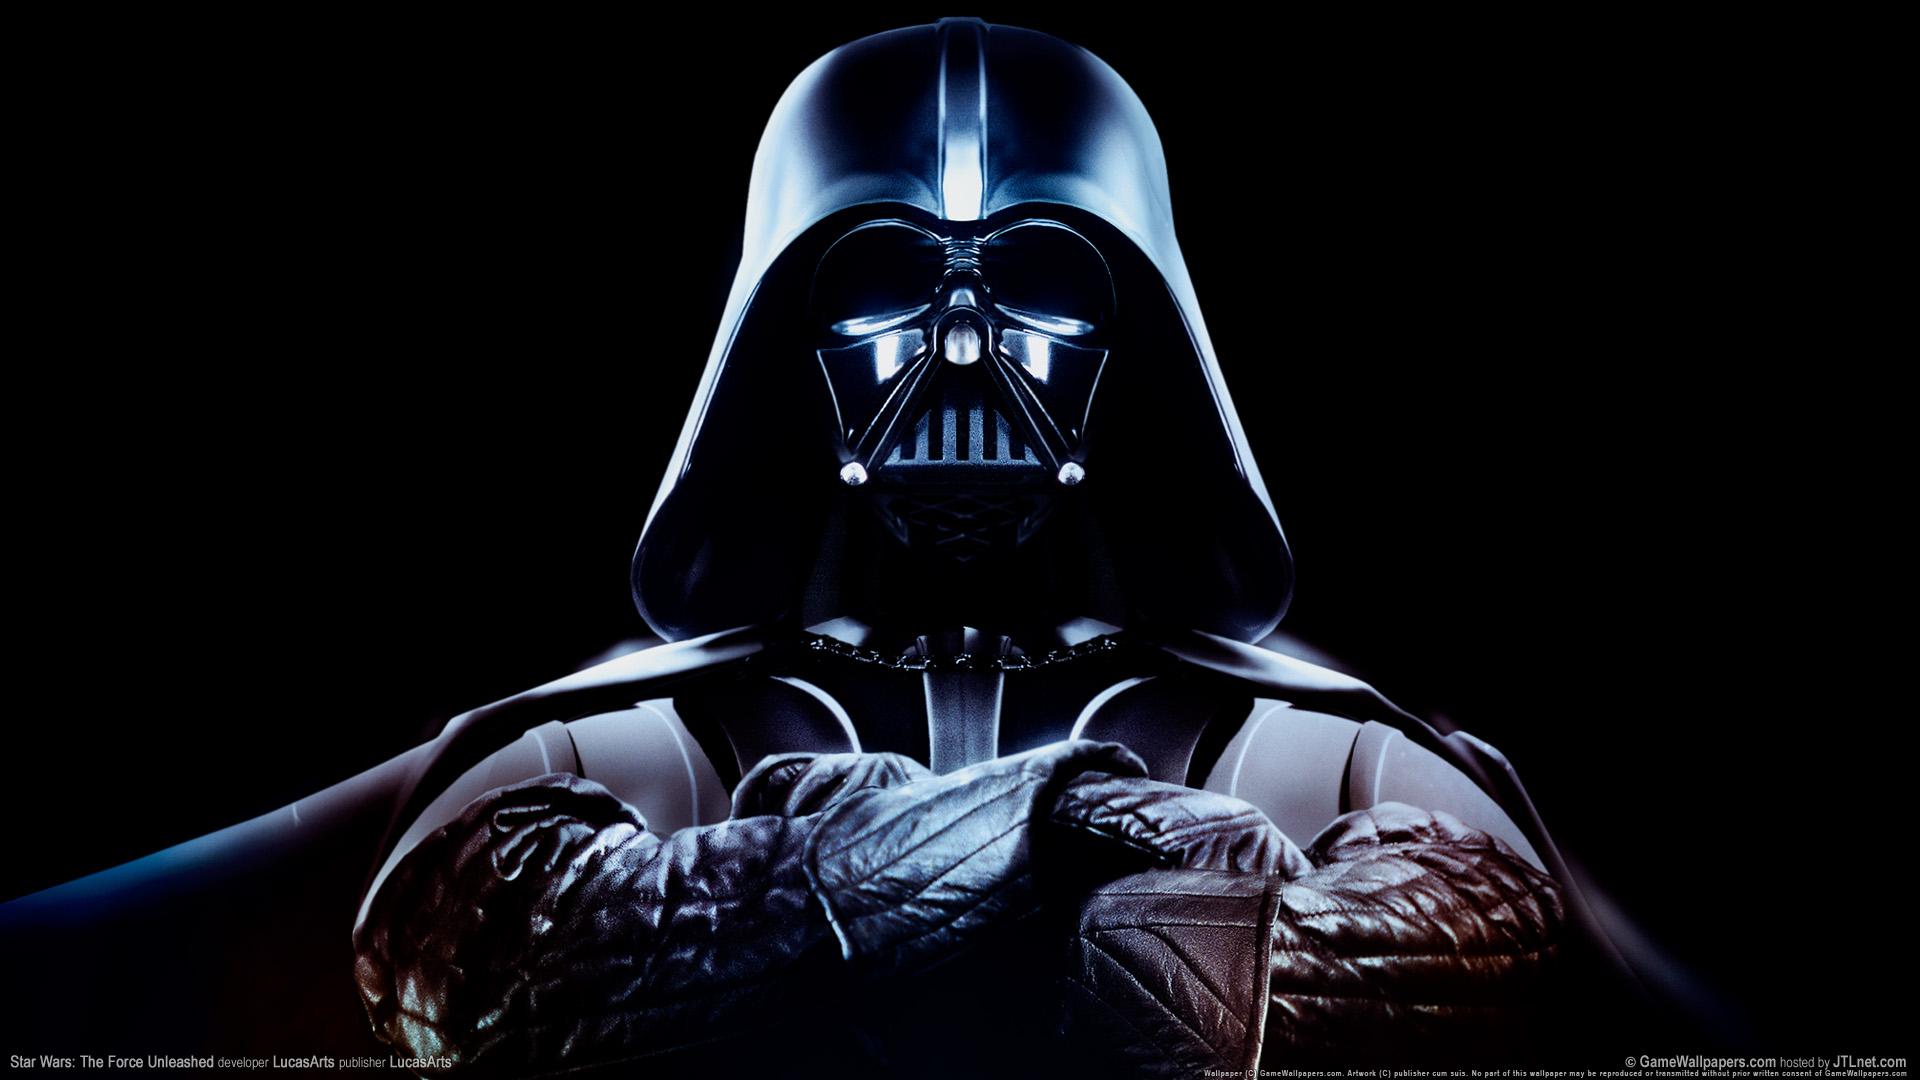 Darth Vader Wallpaper 1920x1080